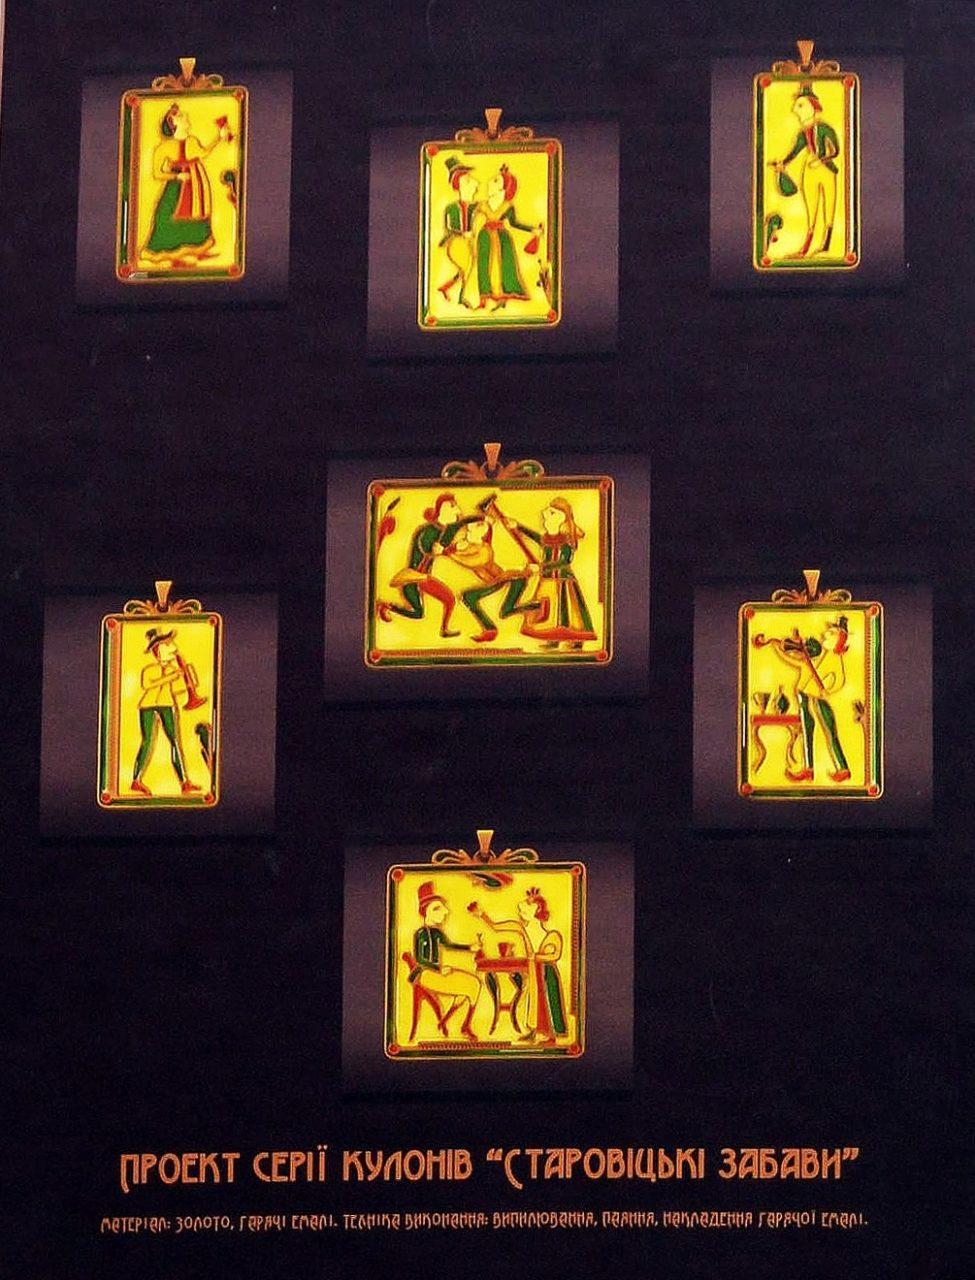 Захарків Олександр Іванович, Косівський інститут прикладного та декоративного мистецтва ЛНАМ, за ескіз «Старовицькі забави»